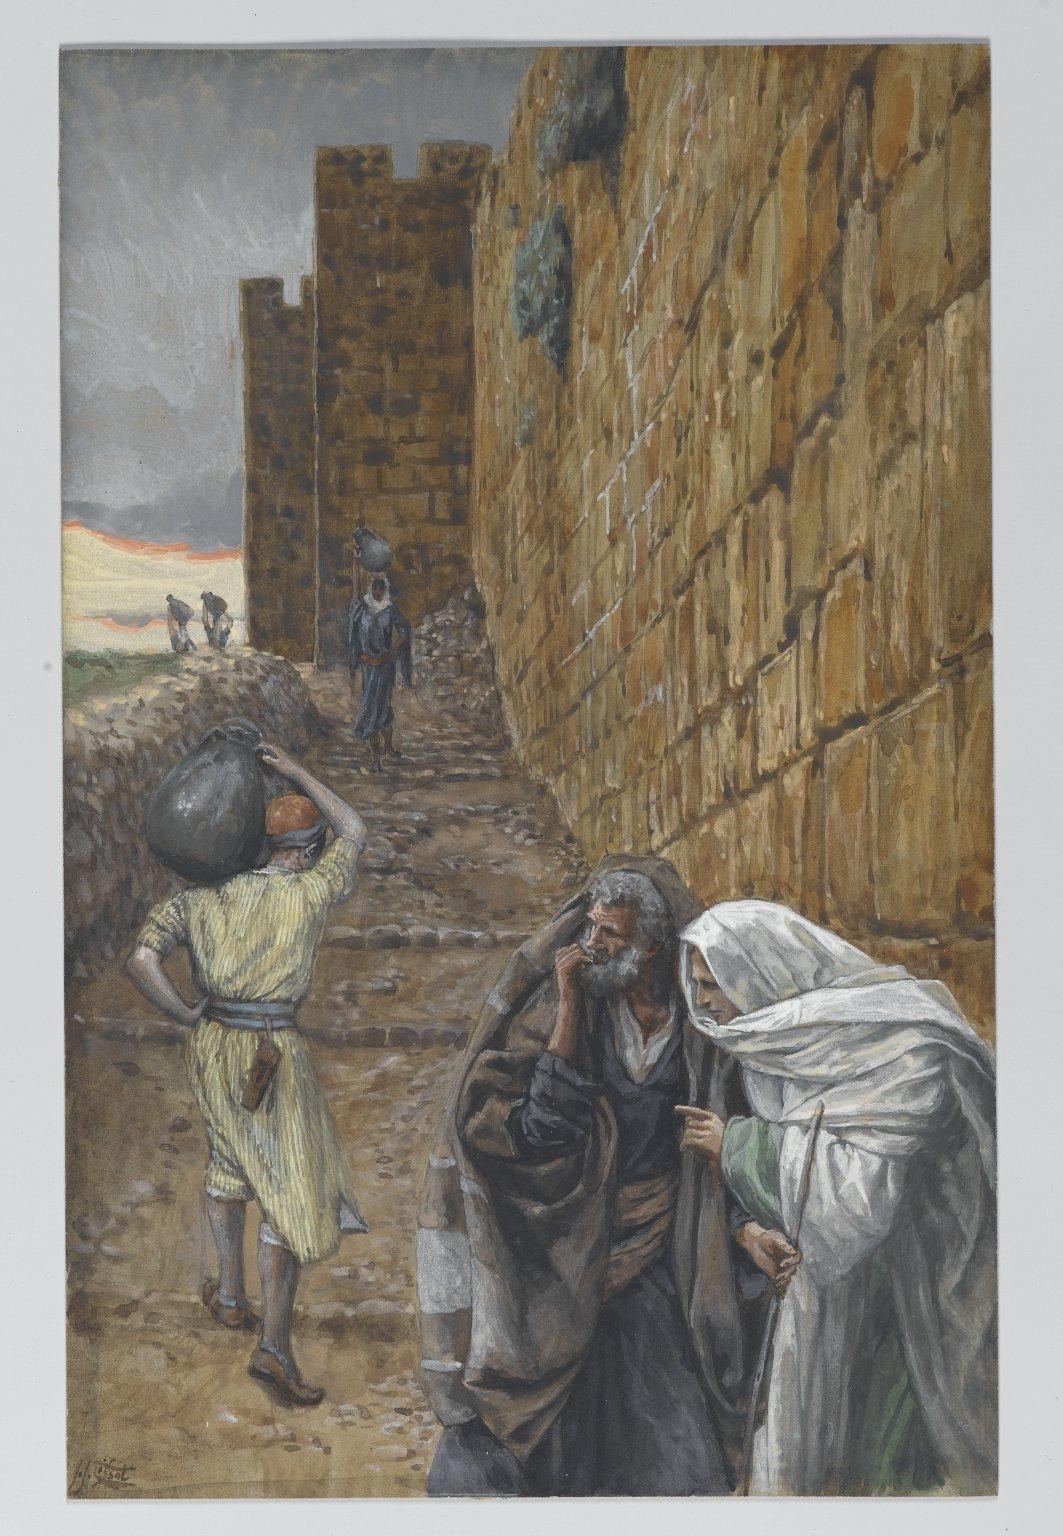 219. Человек, несущий кувшин, 1886-94, 25.1 x 16 cm, Бумага, акварель по графиту